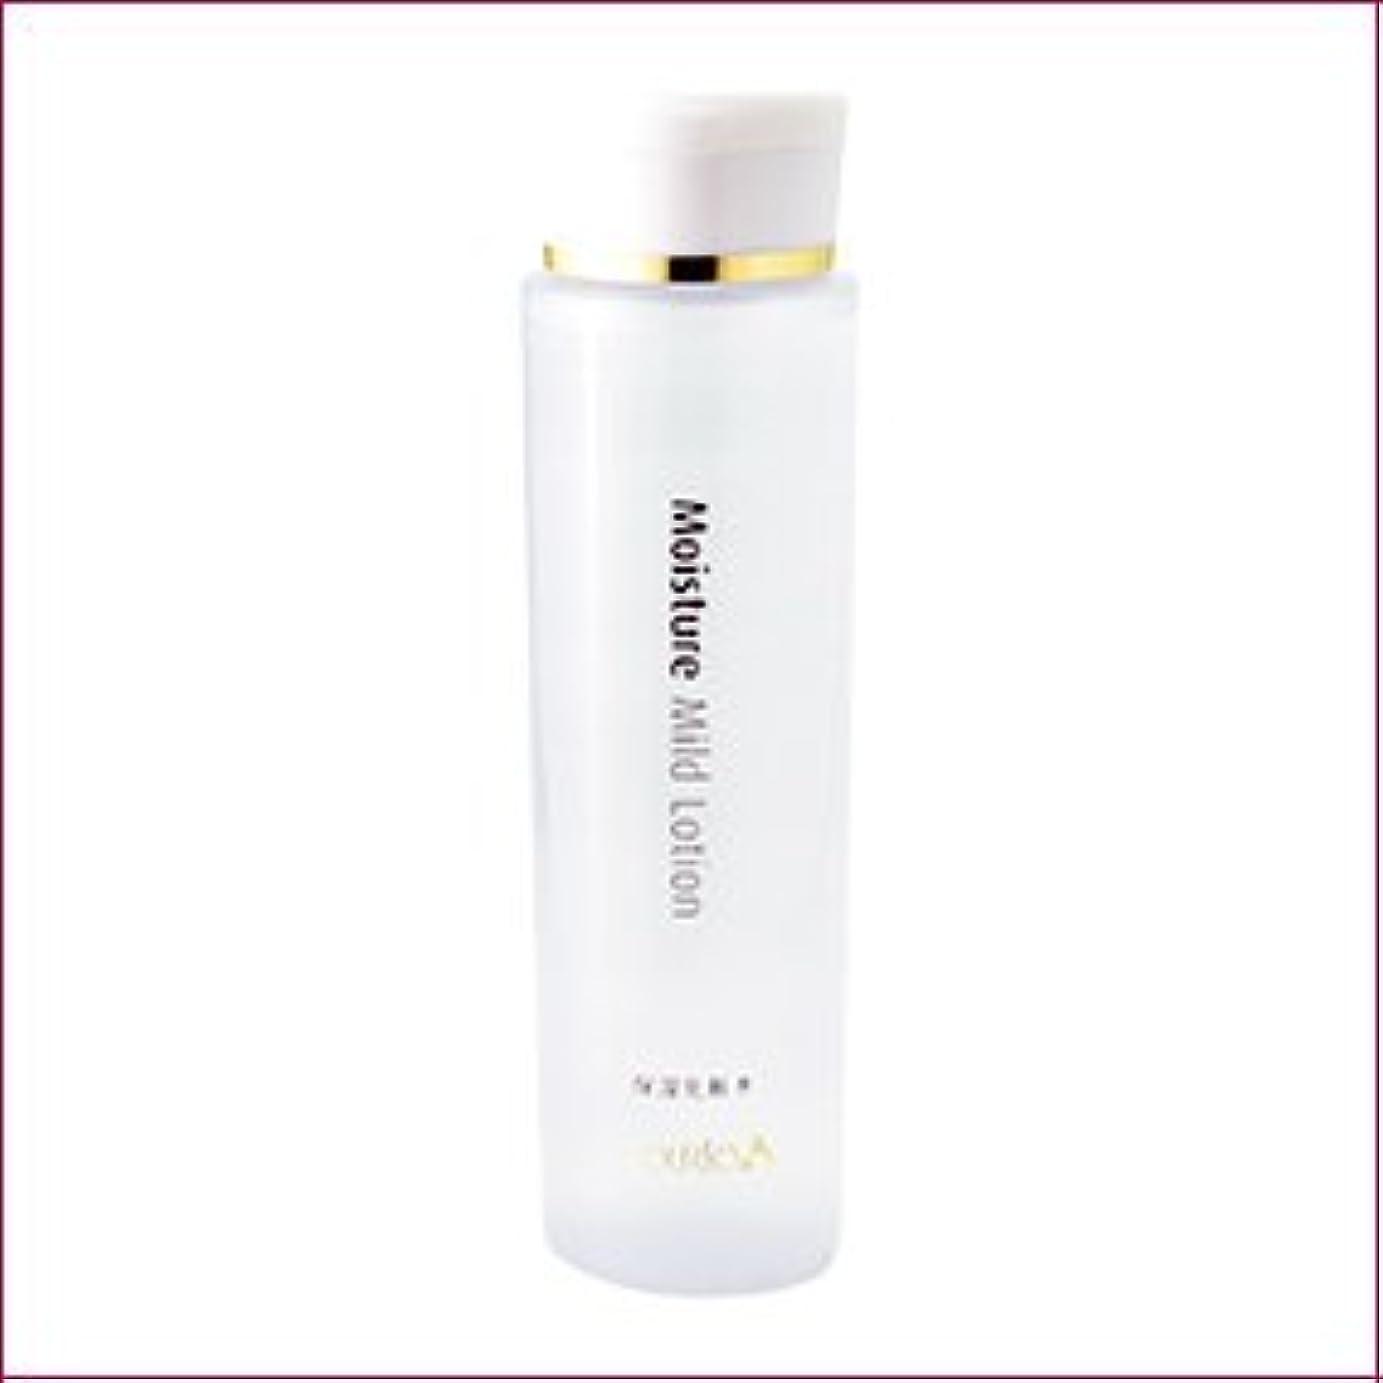 ロッド素晴らしさわずらわしいポルトA 超しっとりタイプ モイスチャー保湿化粧水 R